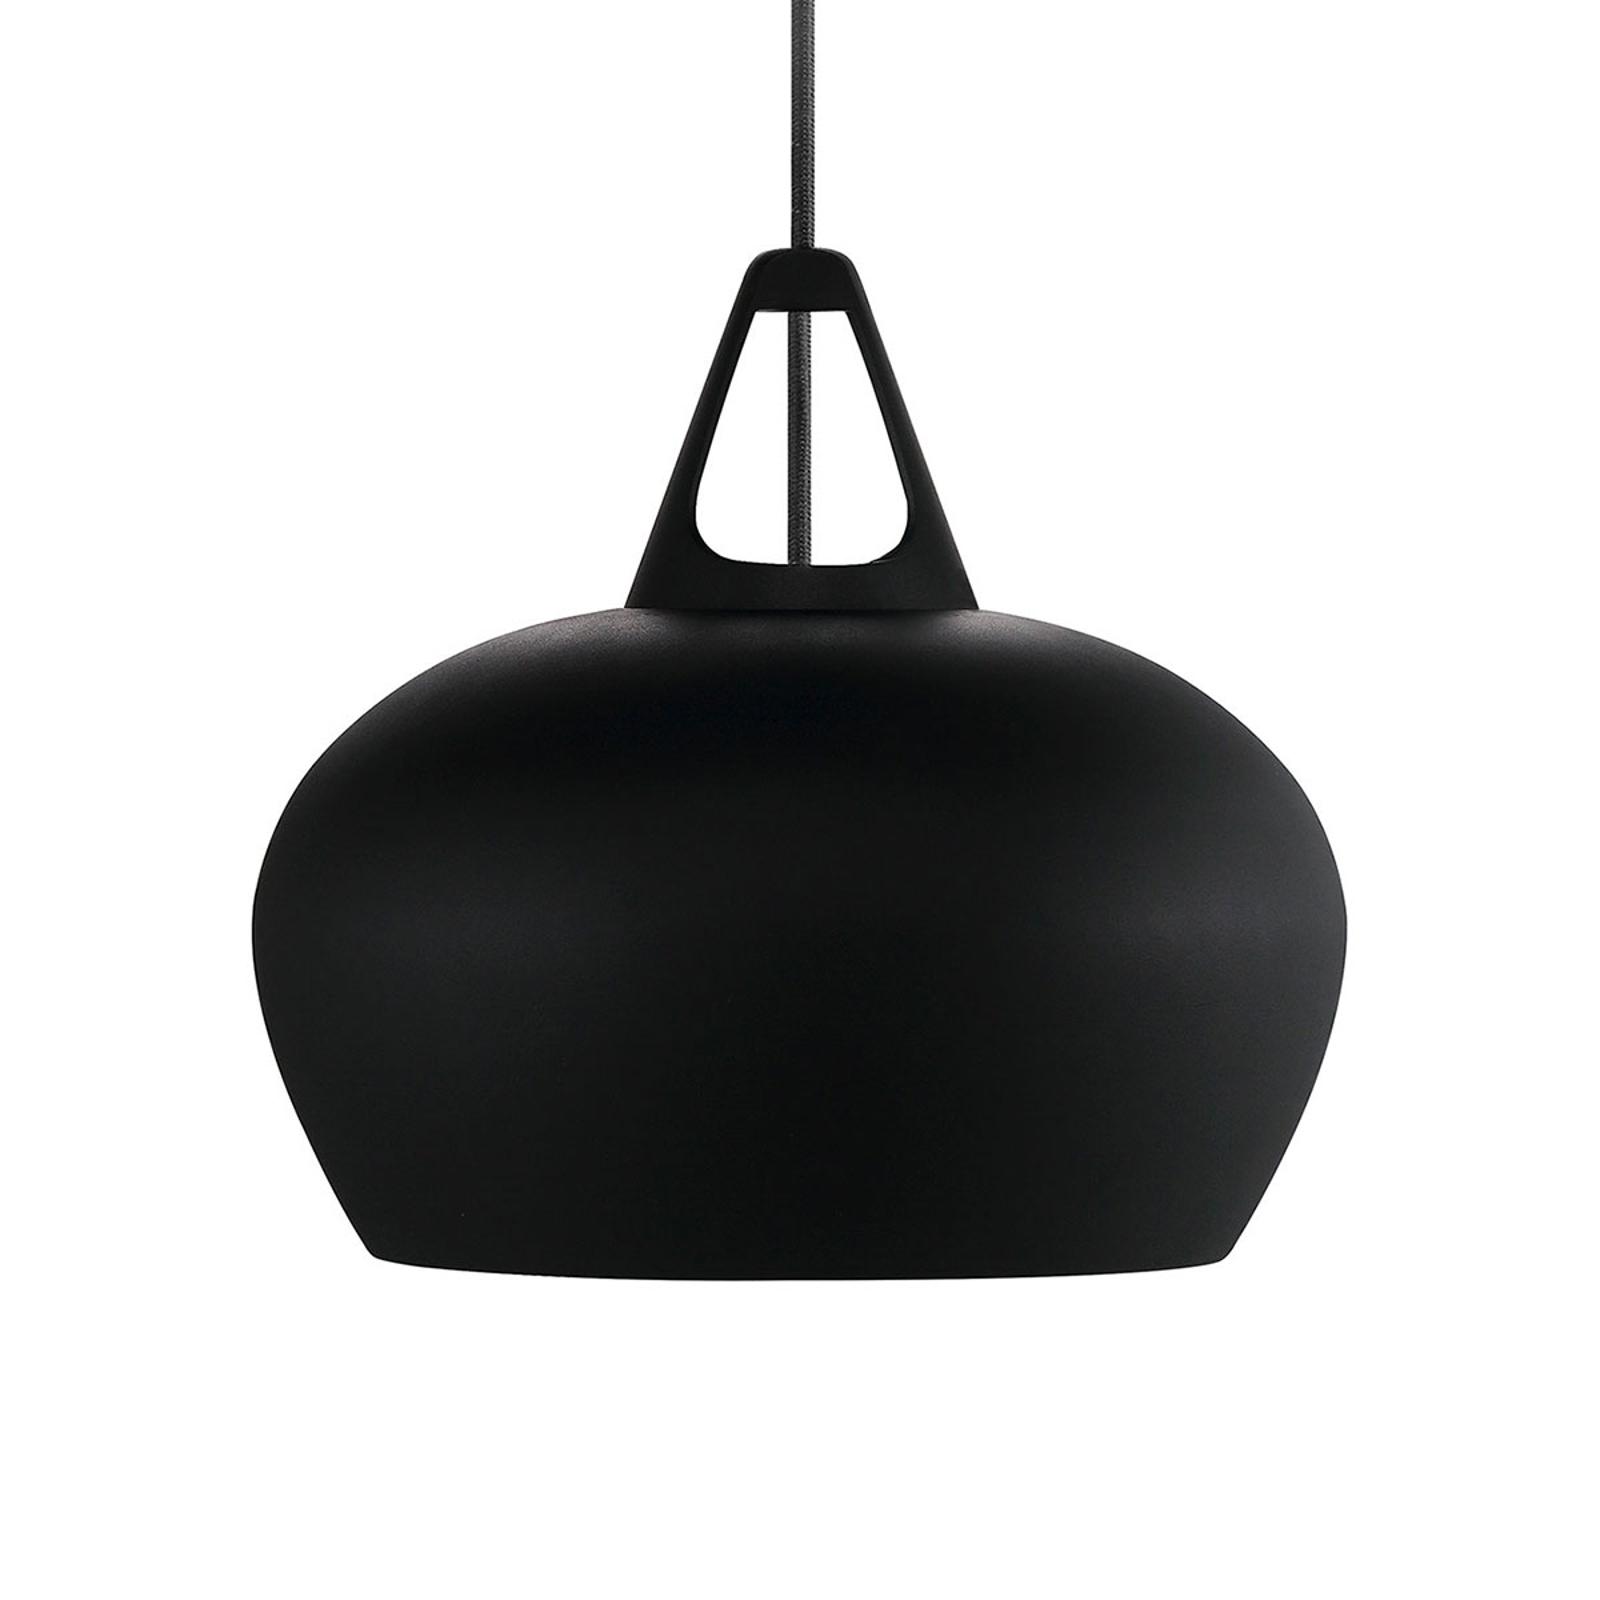 Efektywna lampa wisząca Belly, Ø 29 cm